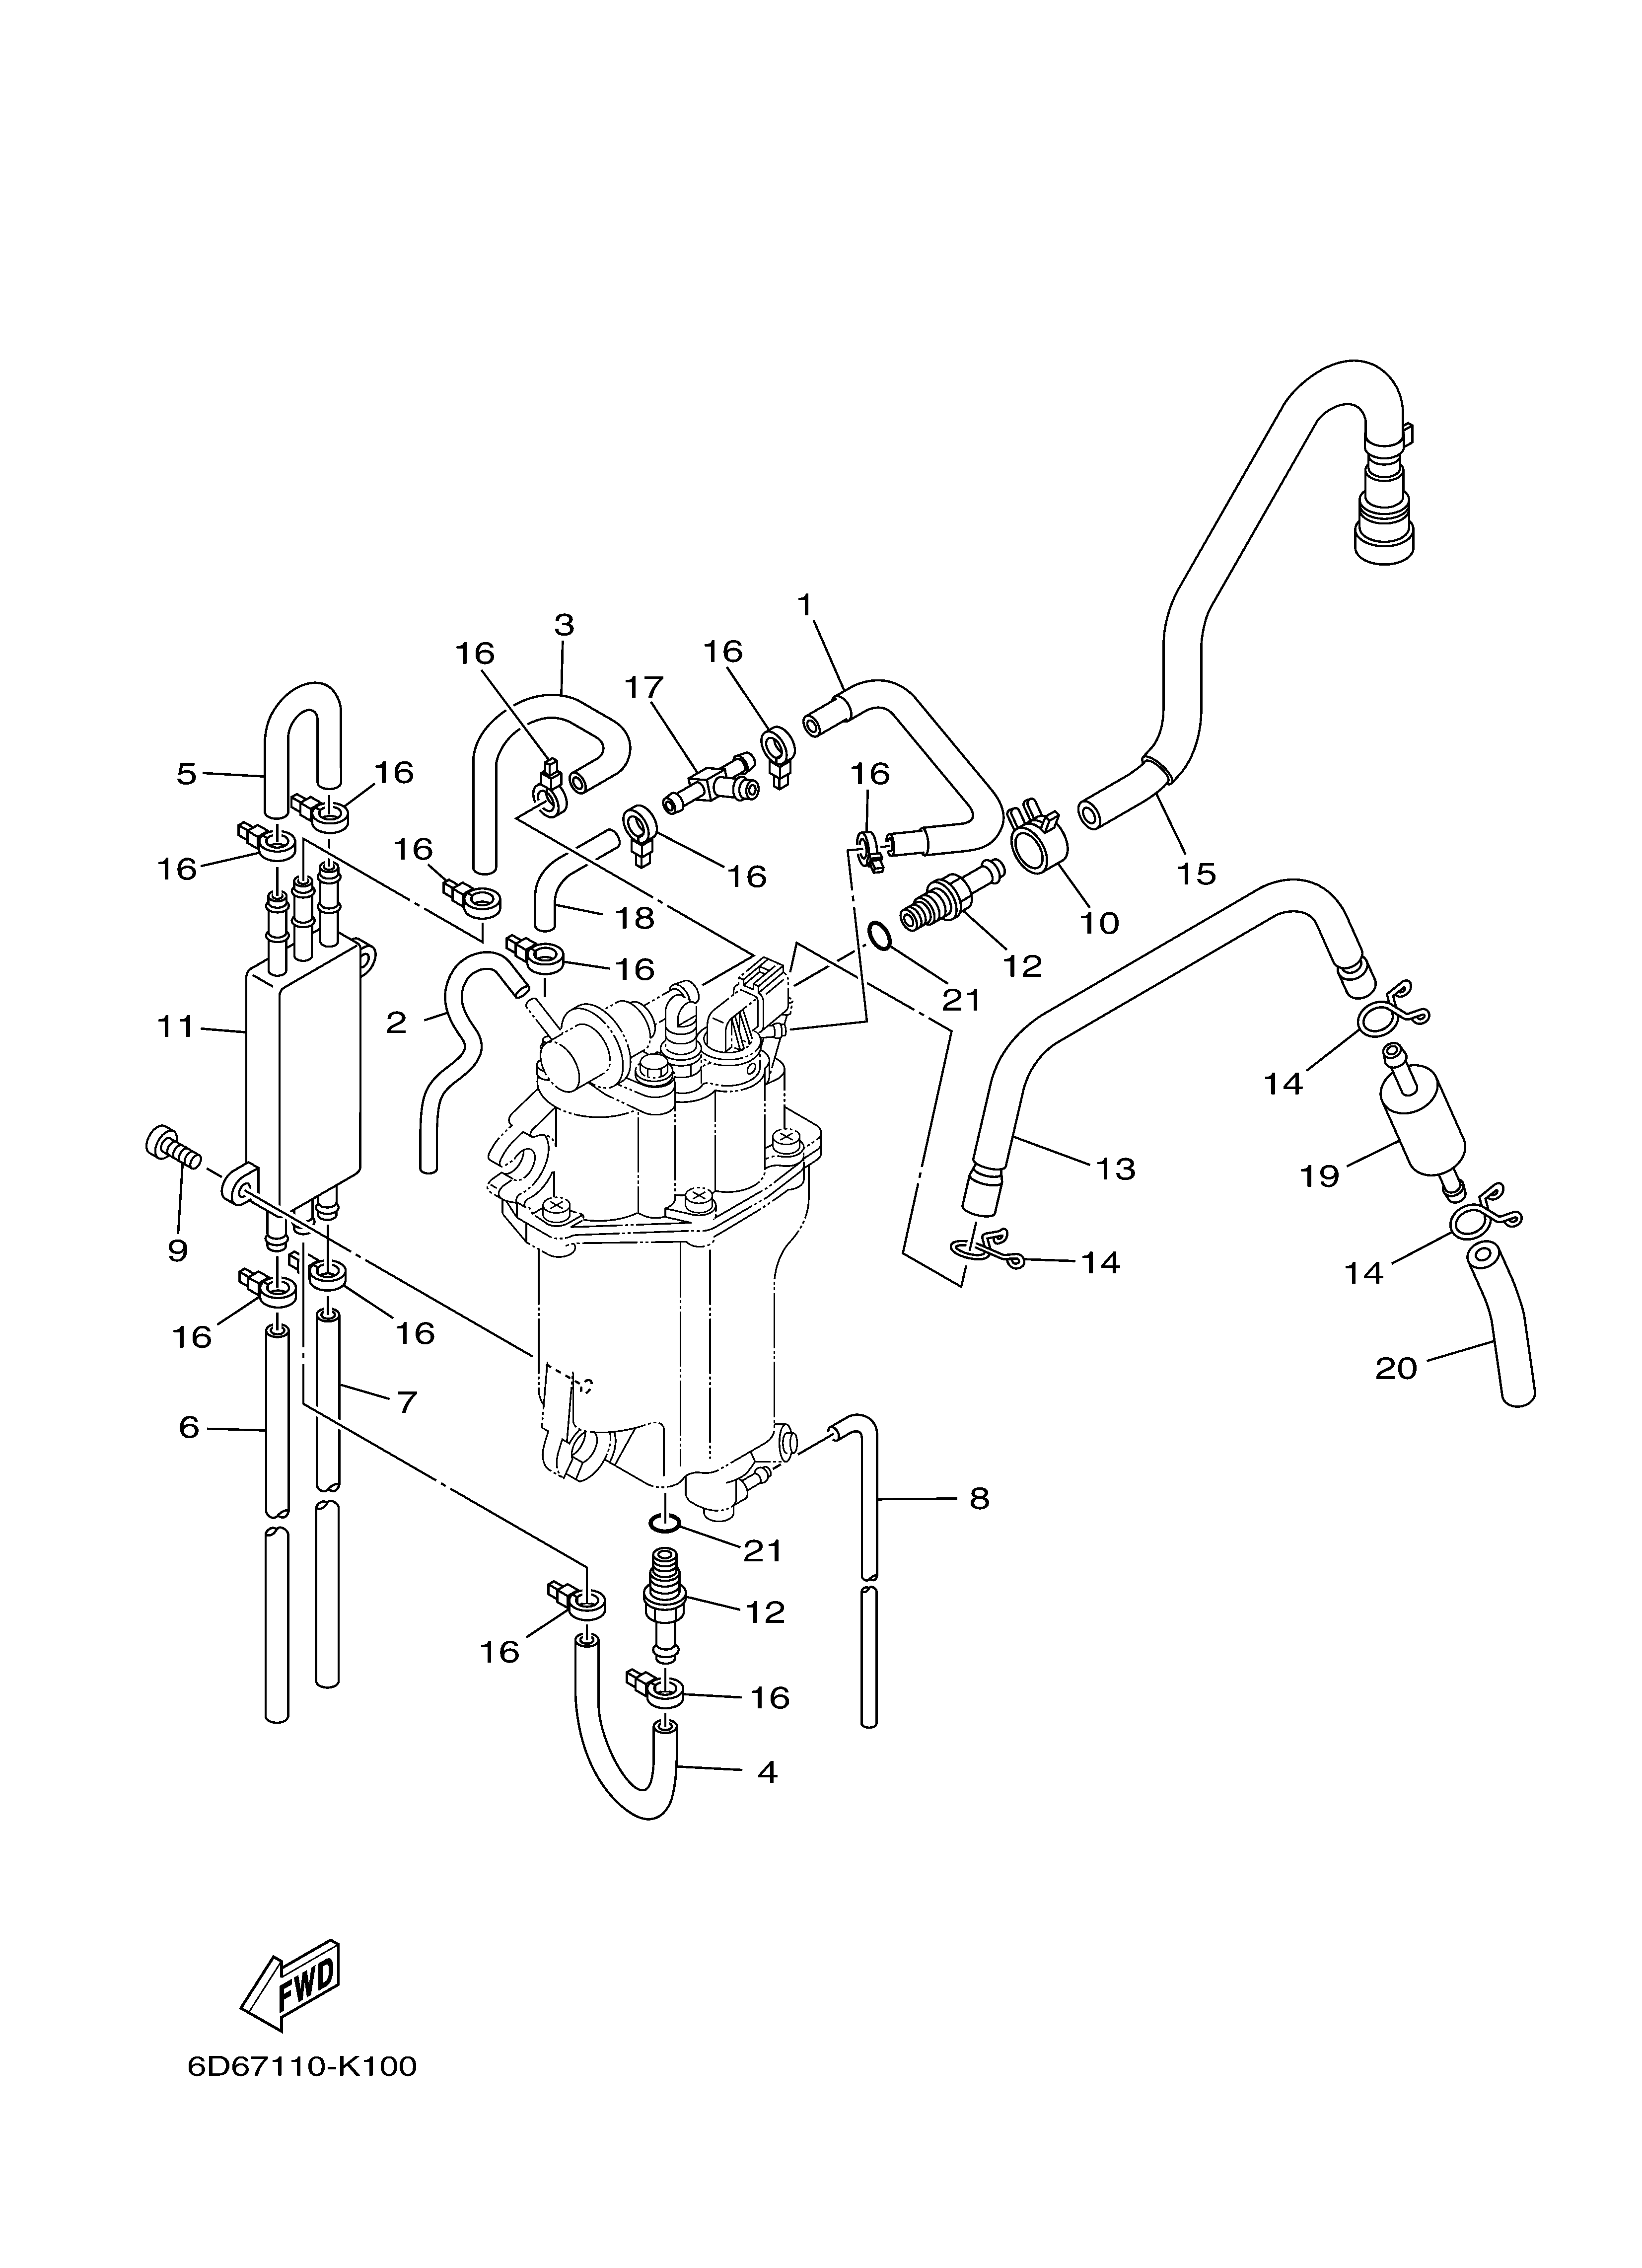 Dauntless 225 Engine Diagram Get Free Image About Wiring Diagram